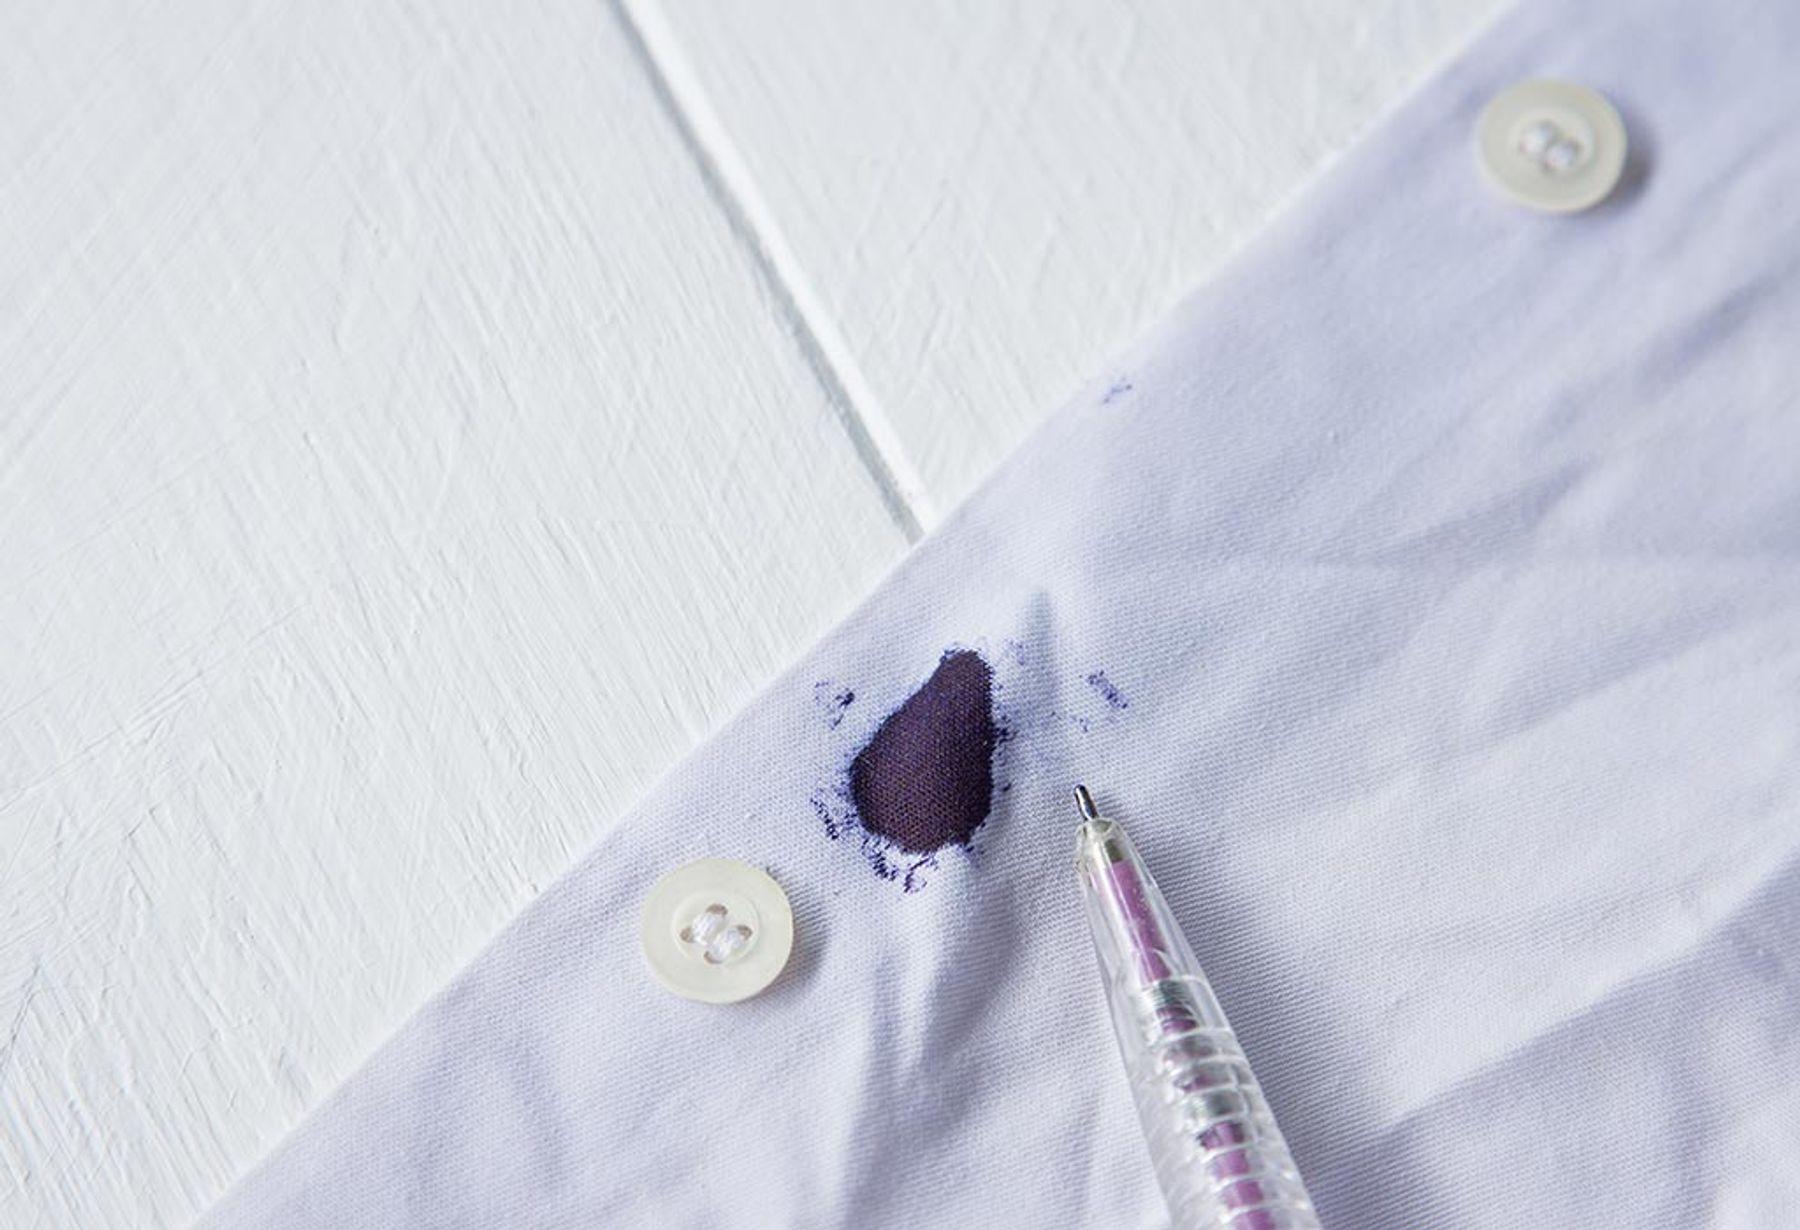 Lót một miếng khăn sạch phía dưới mặt vải bị dây bẩn